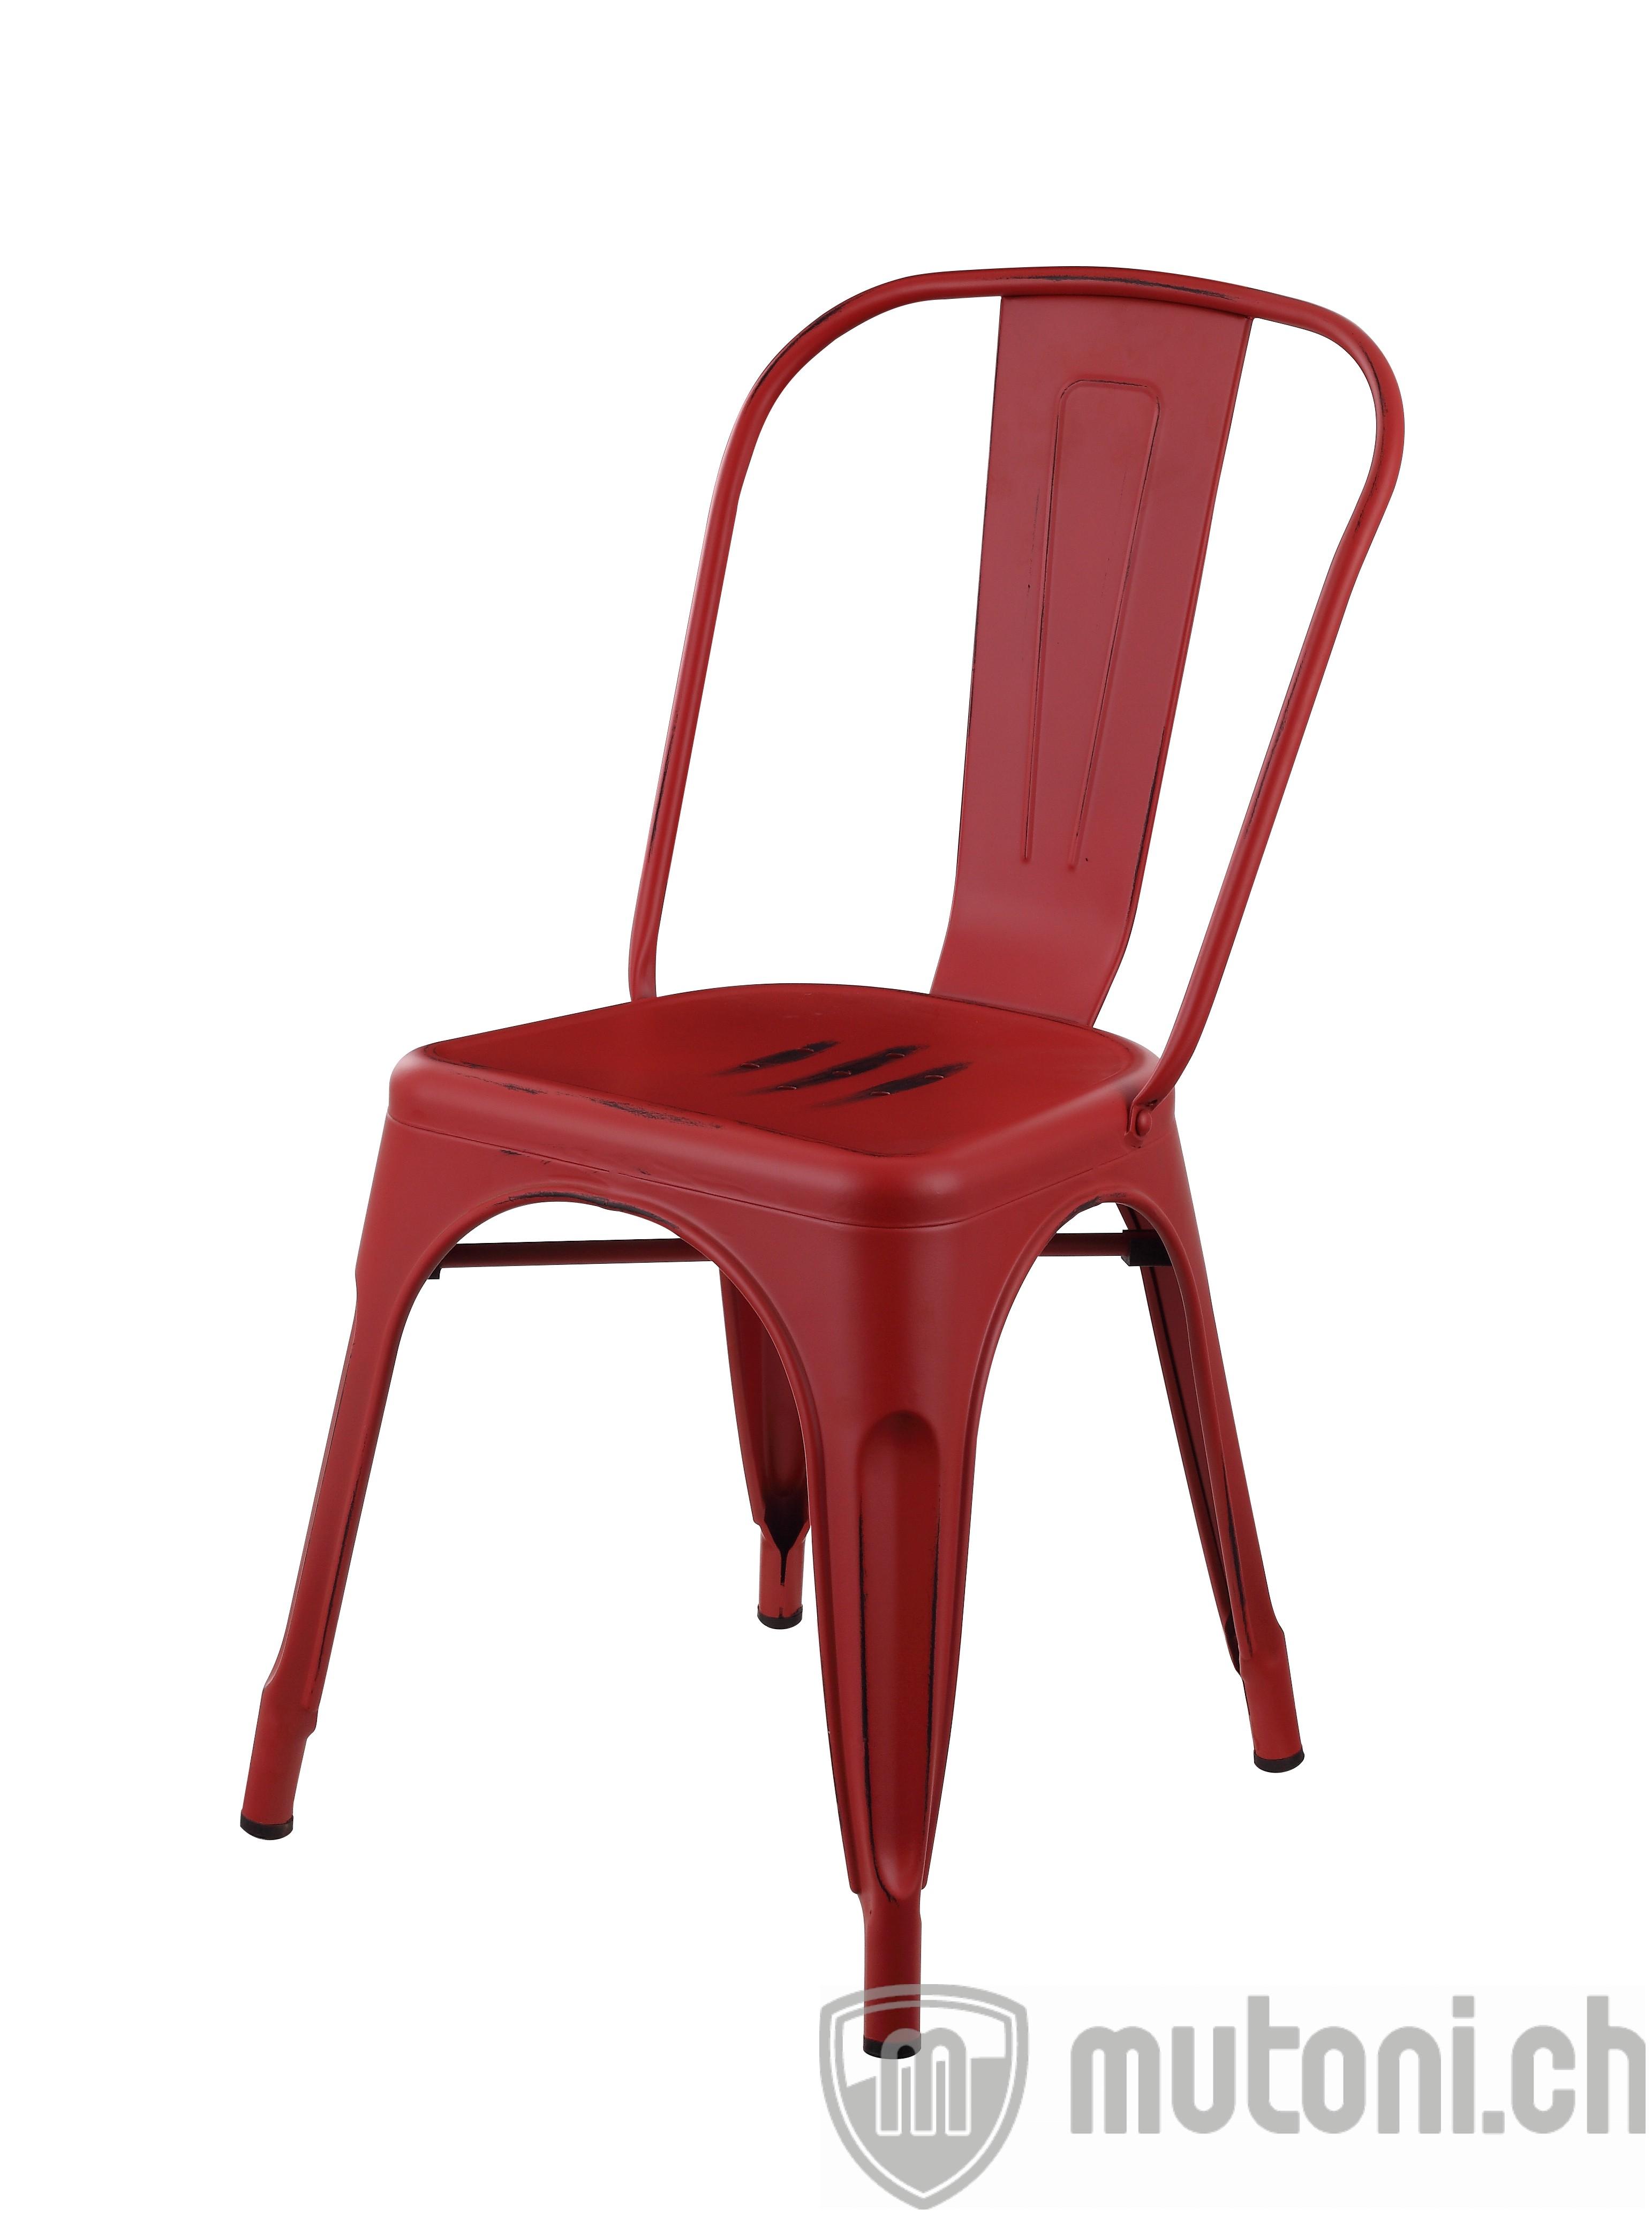 Chaise de salle manger industry loft rouge mutoni for Cuisines design industries saint philbert de bouaine